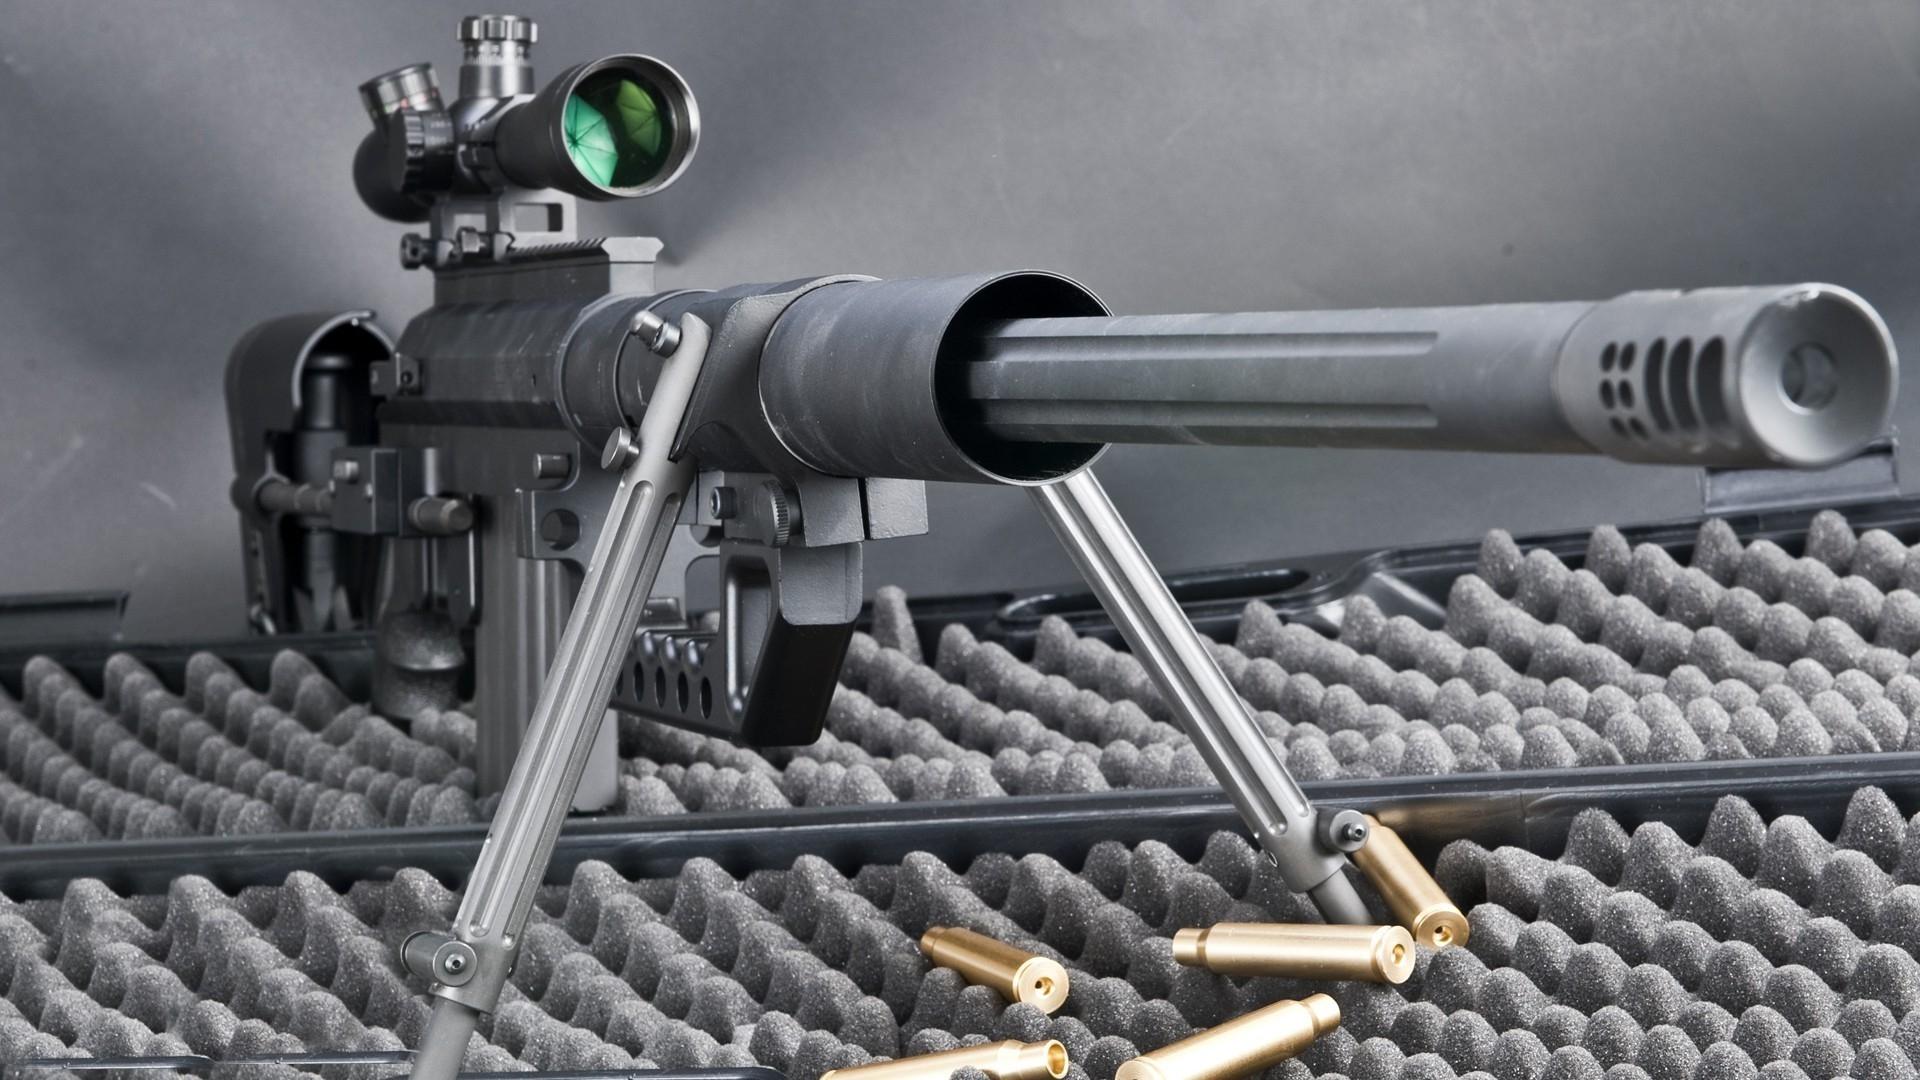 49] Sniper Rifle Wallpaper HD on WallpaperSafari 1920x1080